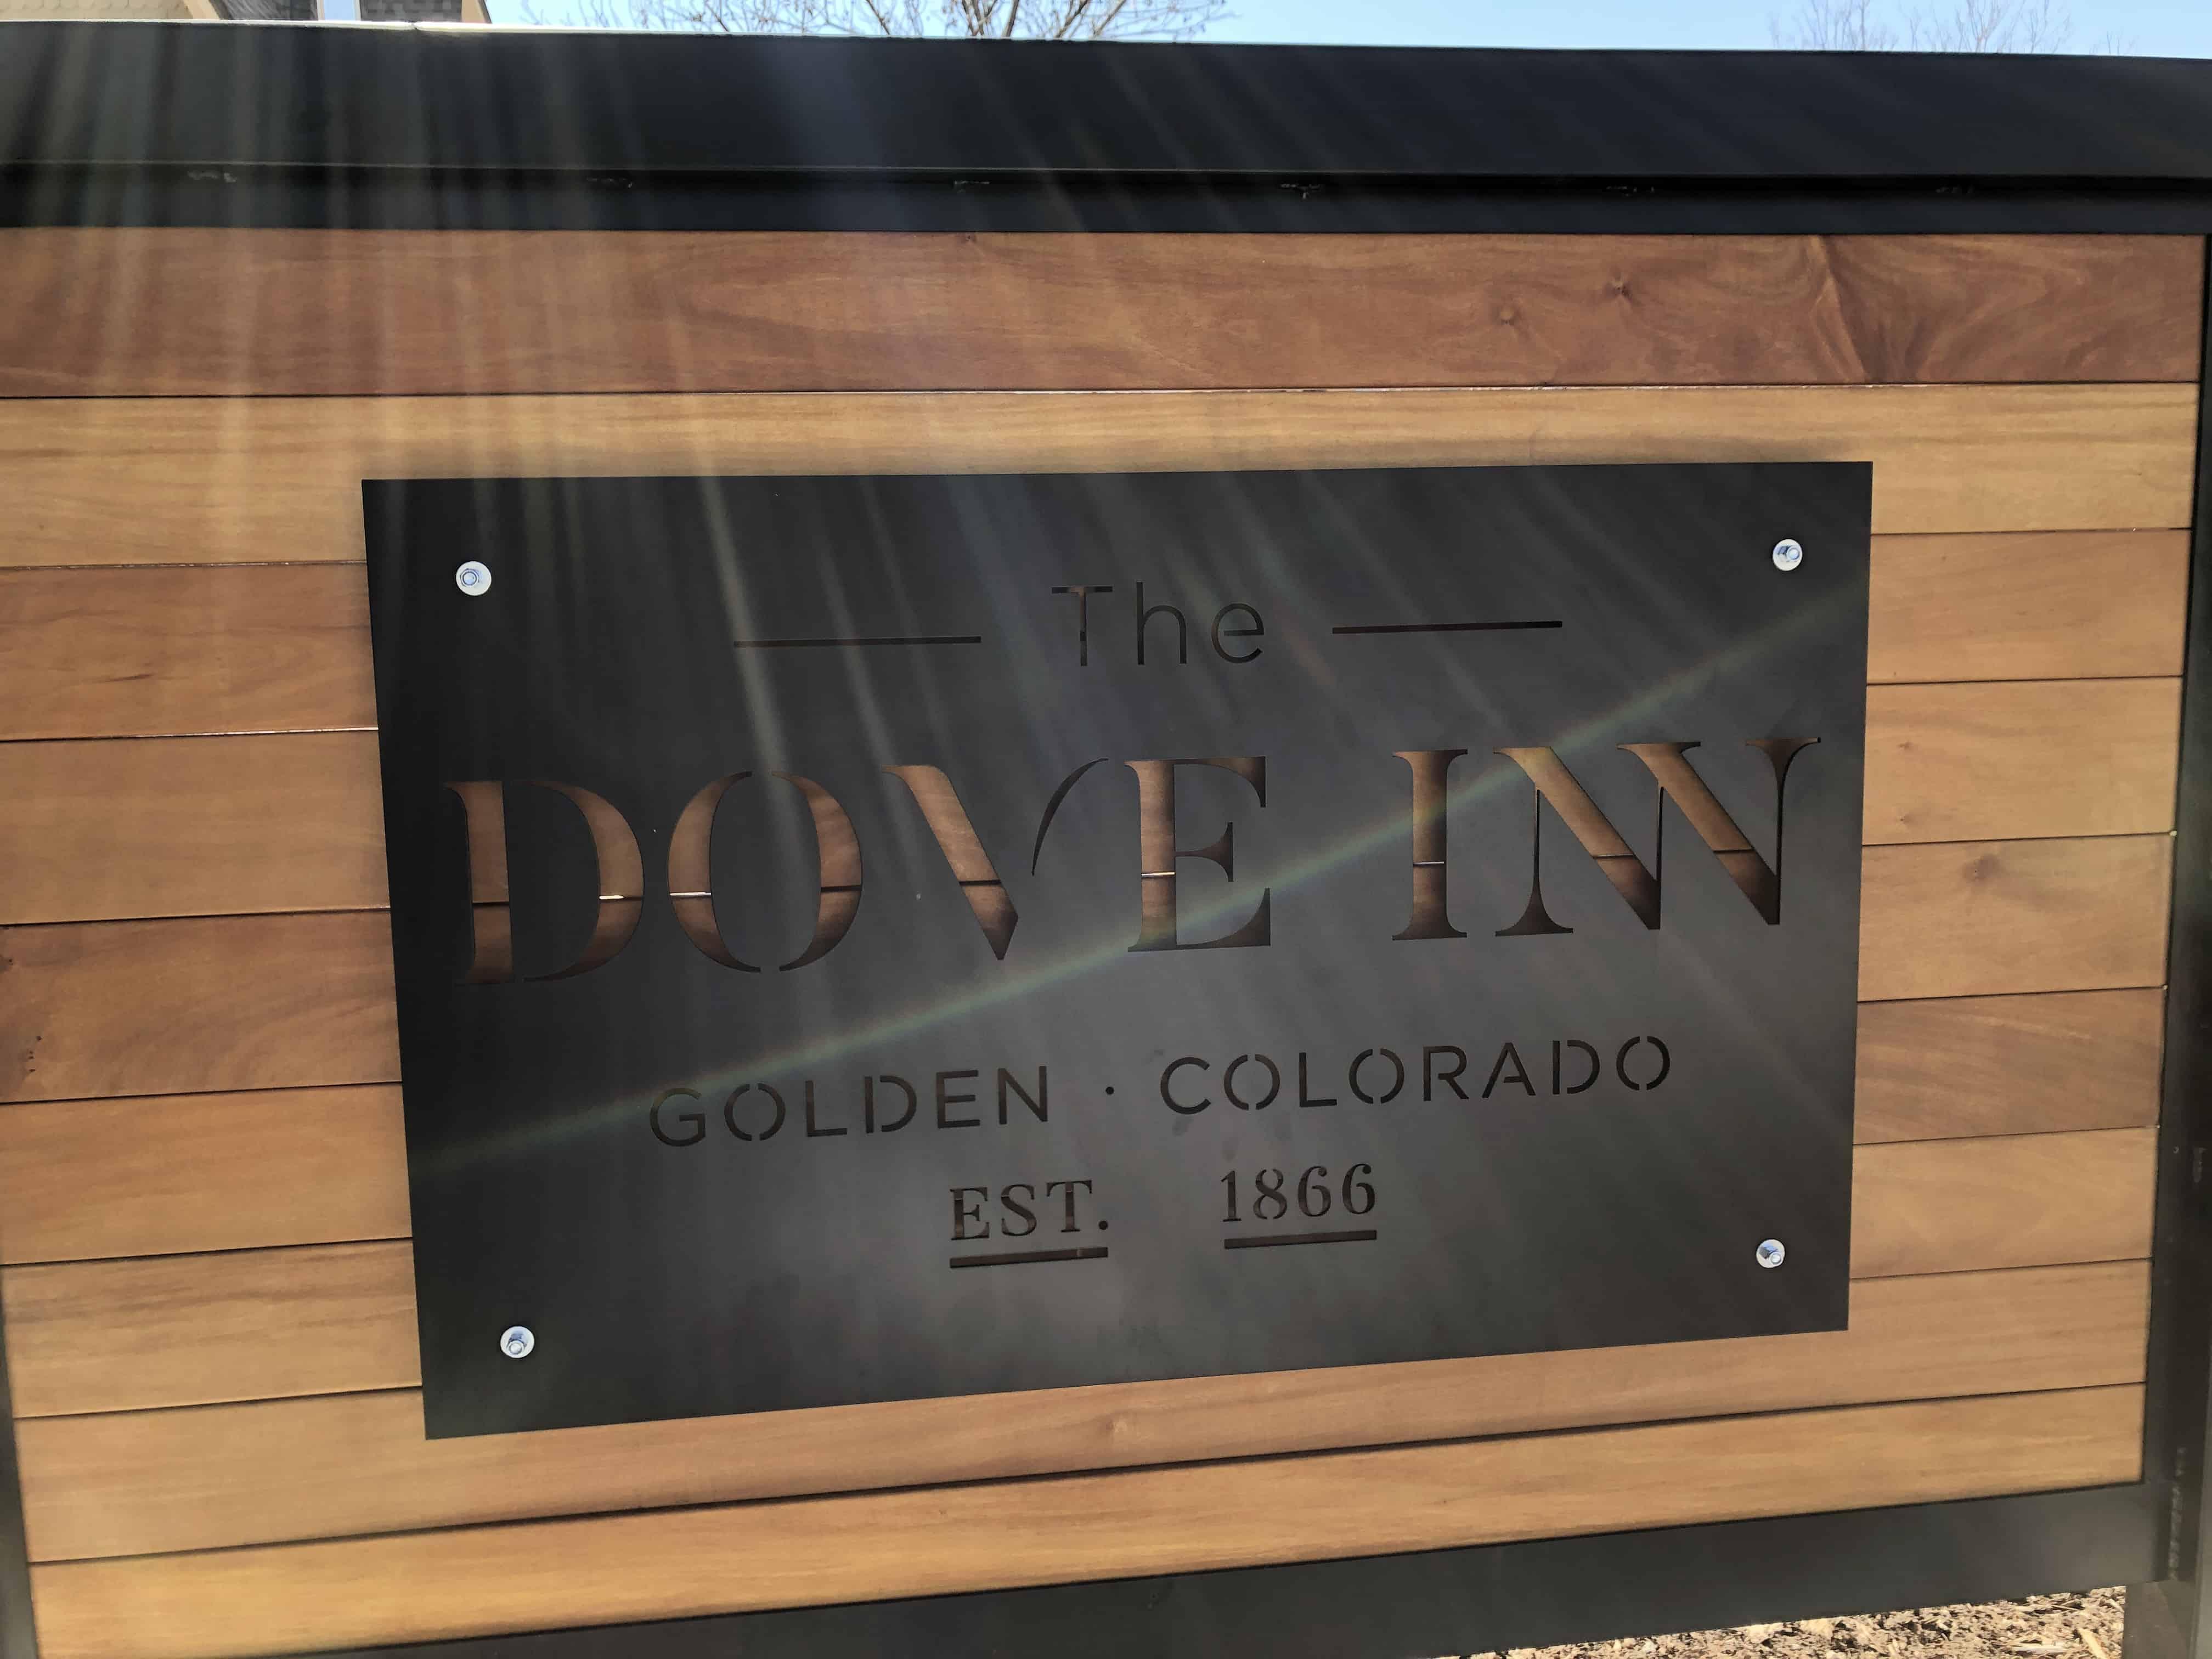 Dove Inn sign in Golden Colorado